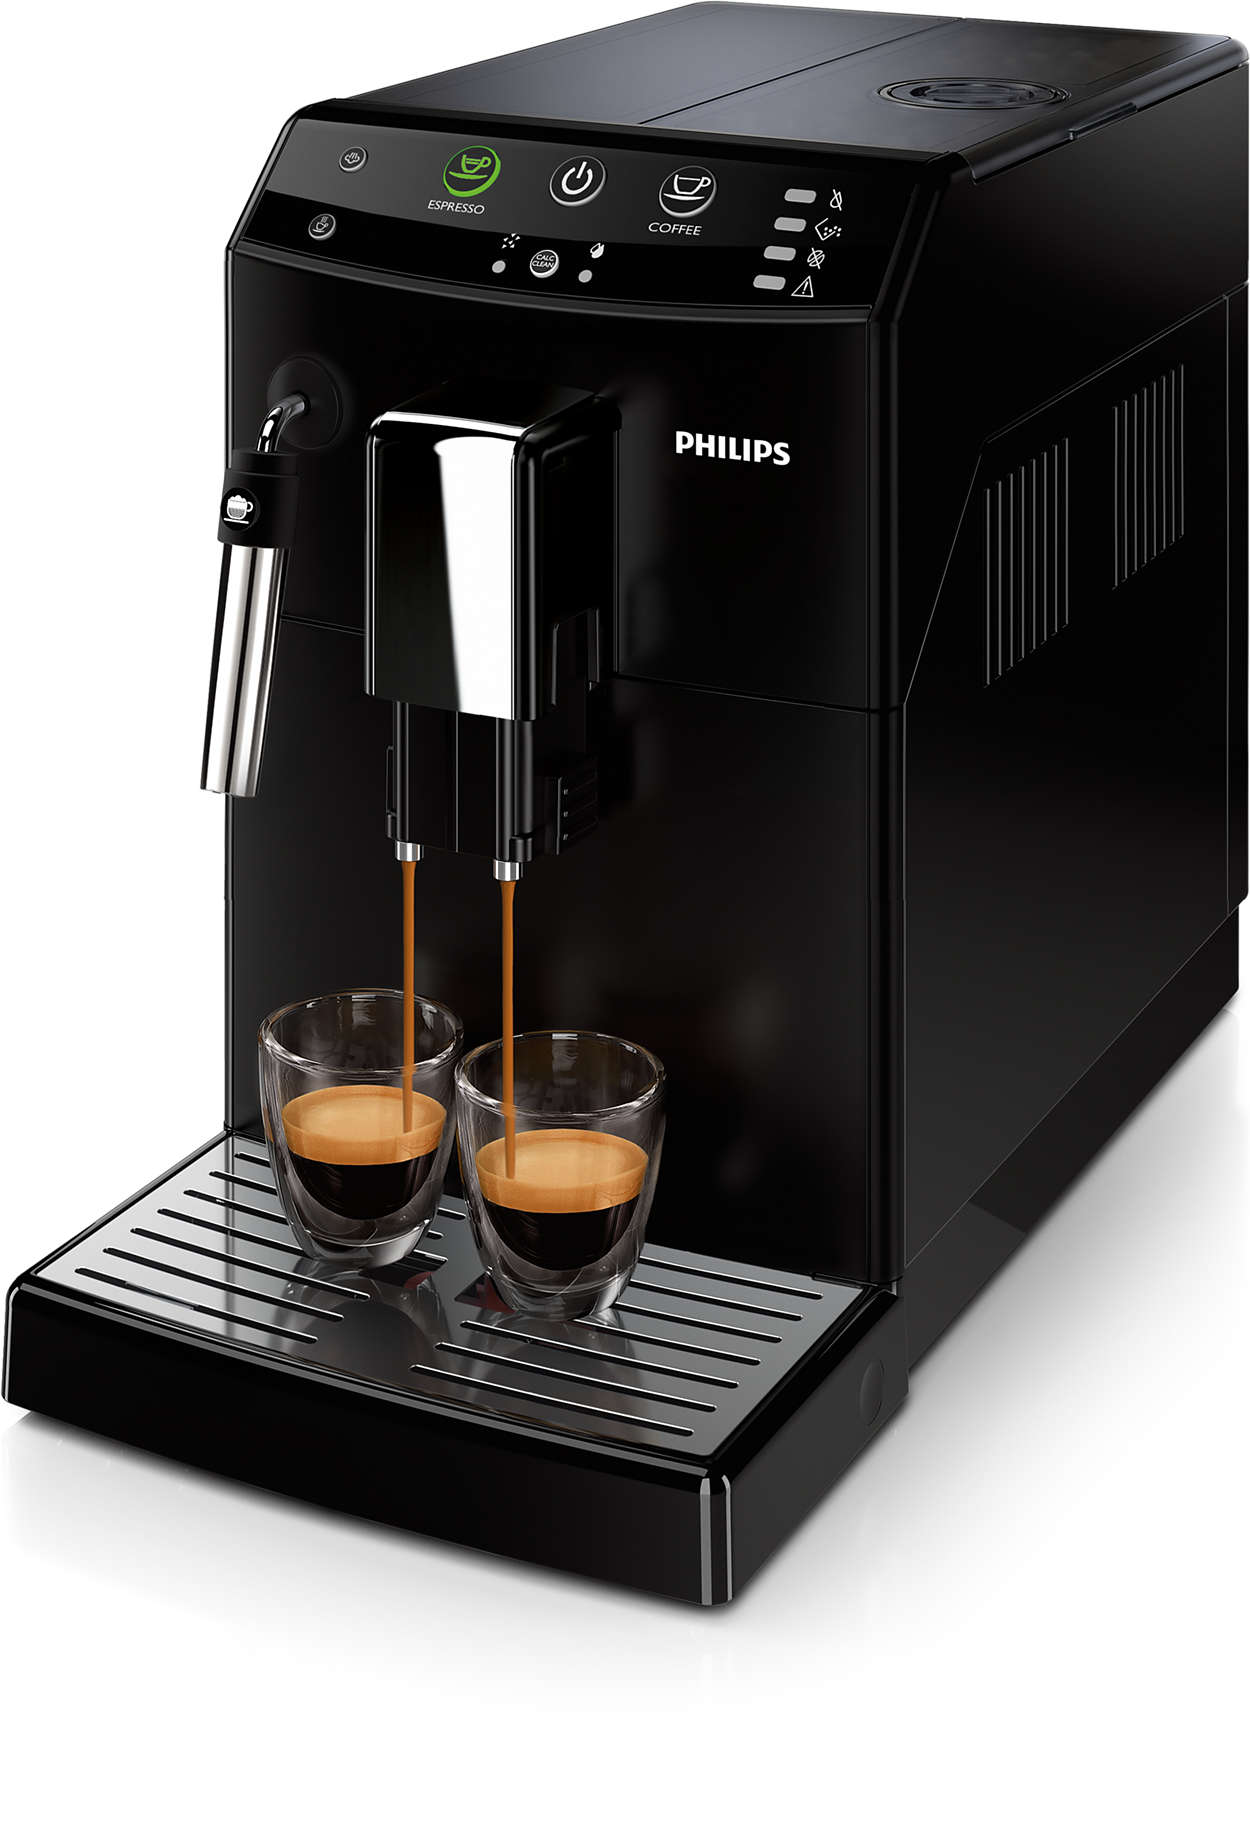 Twoja ulubiona kawa zawsze w zasięgu ręki